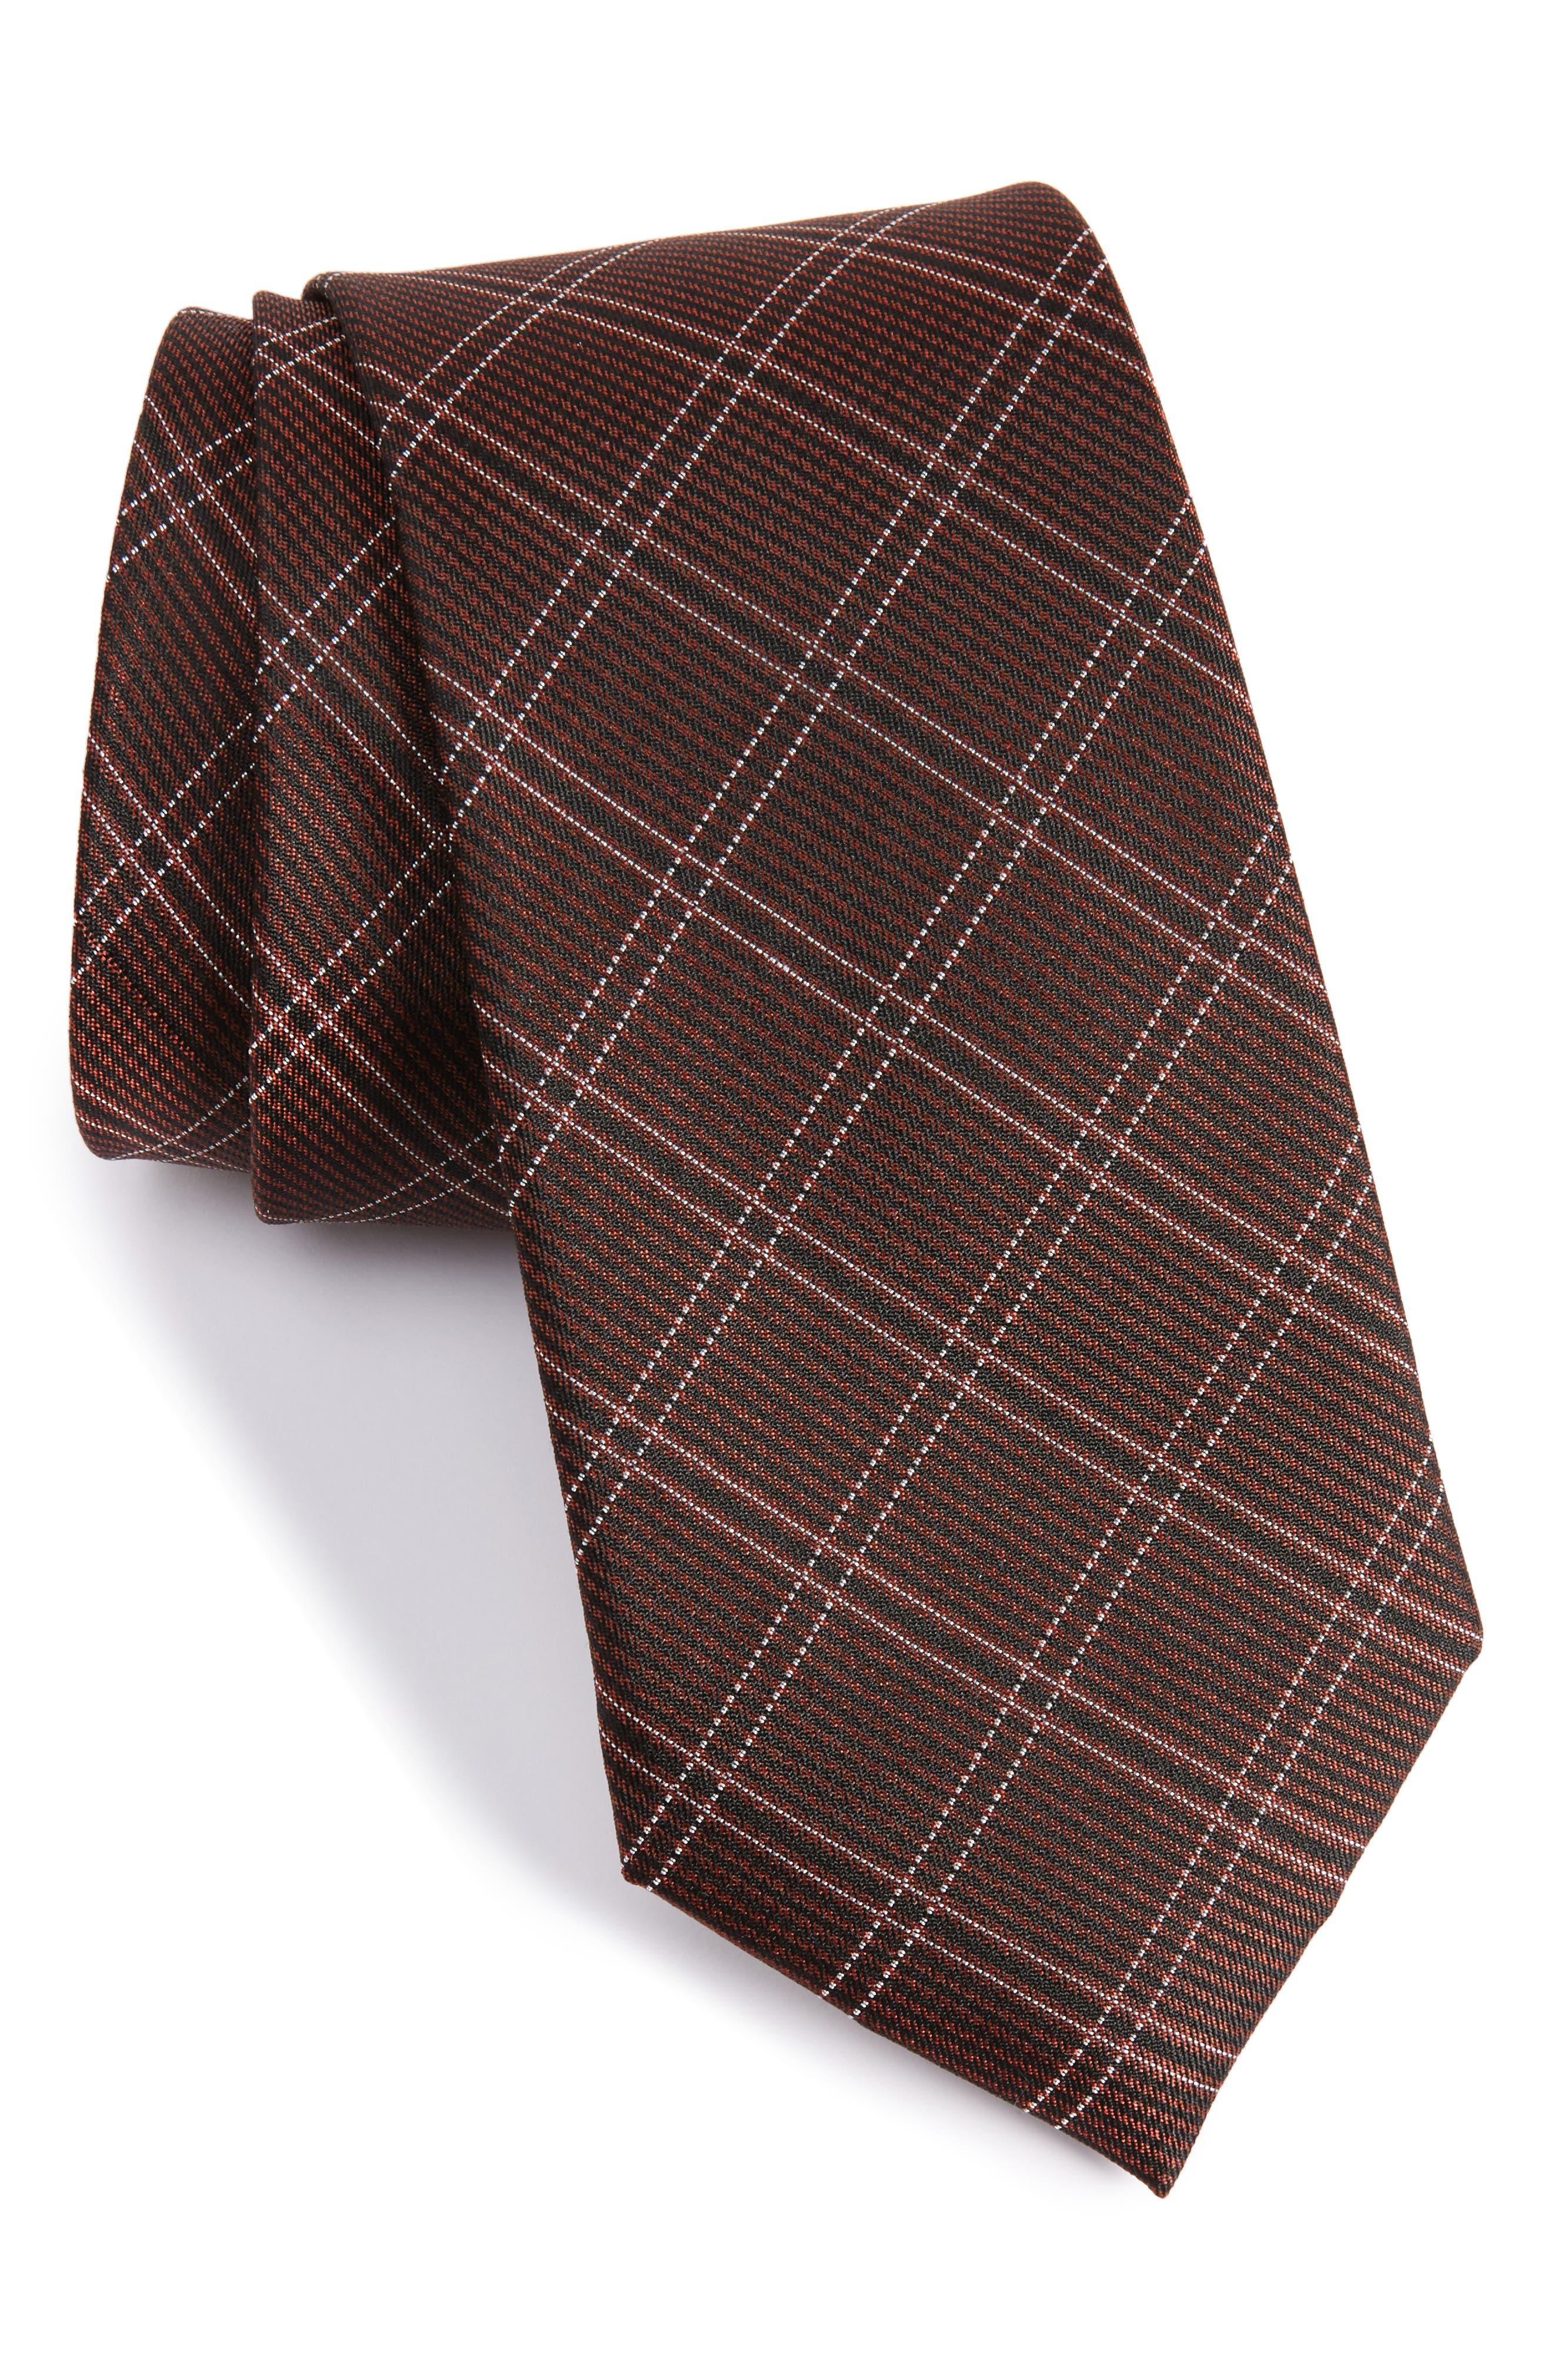 CALIBRATE Plaid Silk Tie